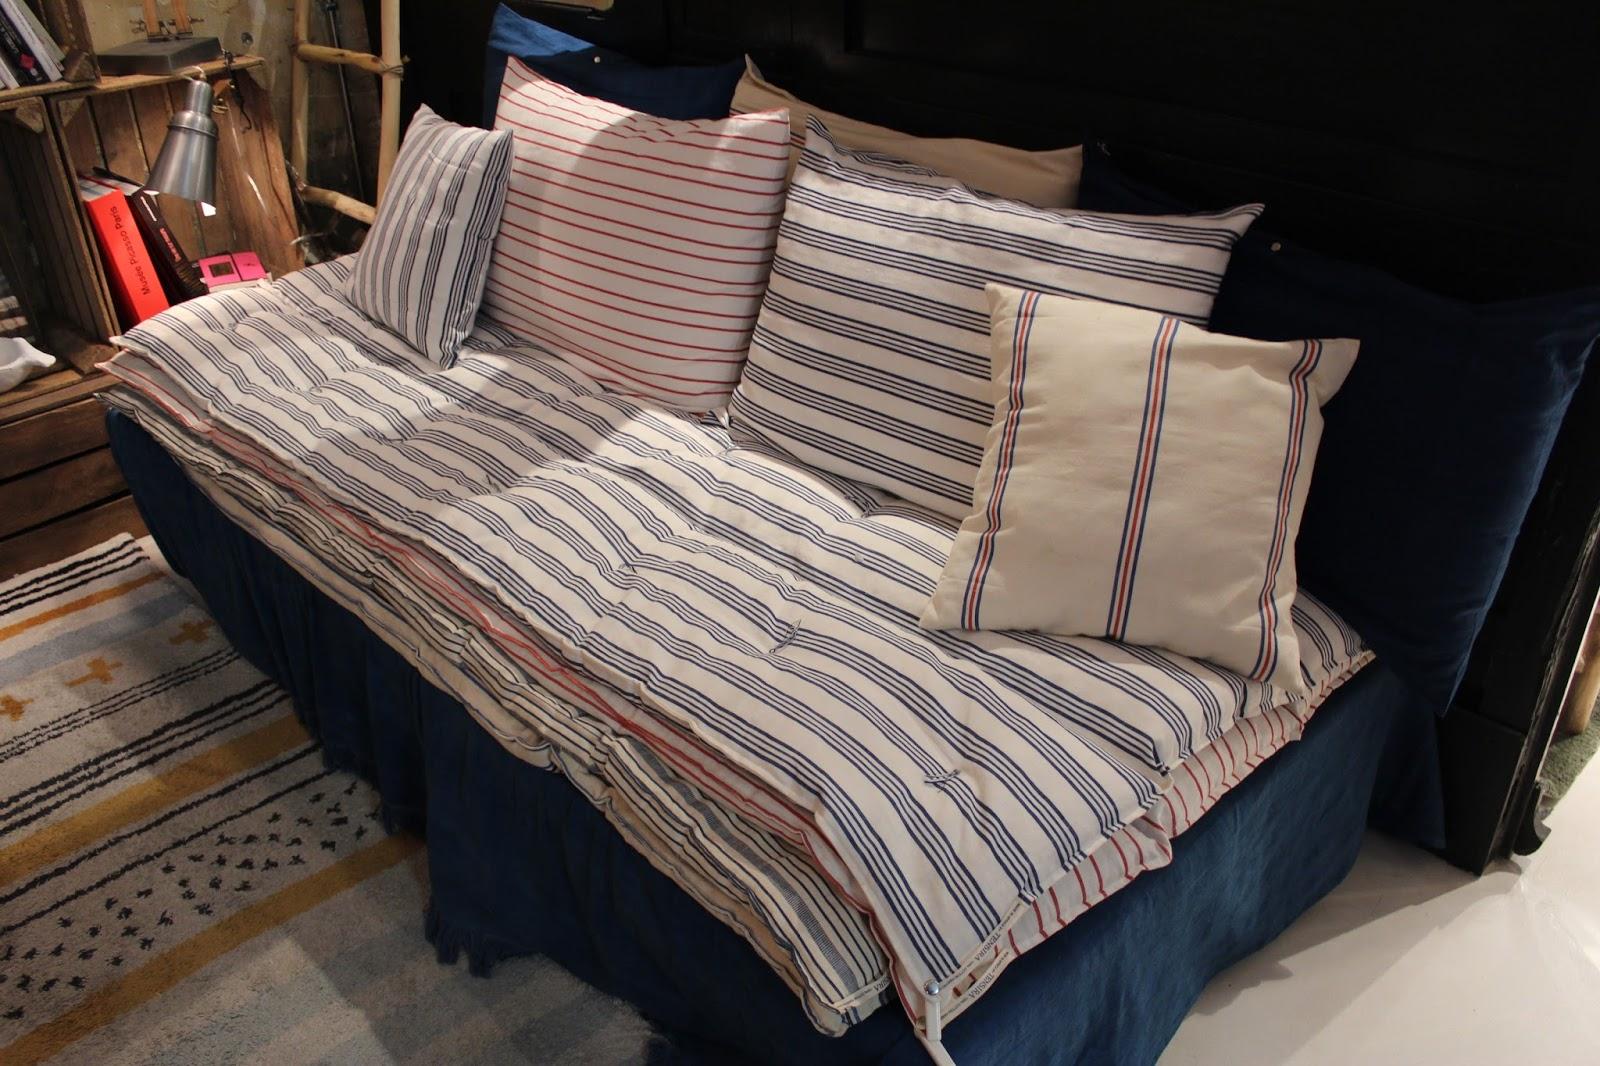 couleurs et nuances le blog des accros de la d co boutique am pm rive gauche me voici. Black Bedroom Furniture Sets. Home Design Ideas